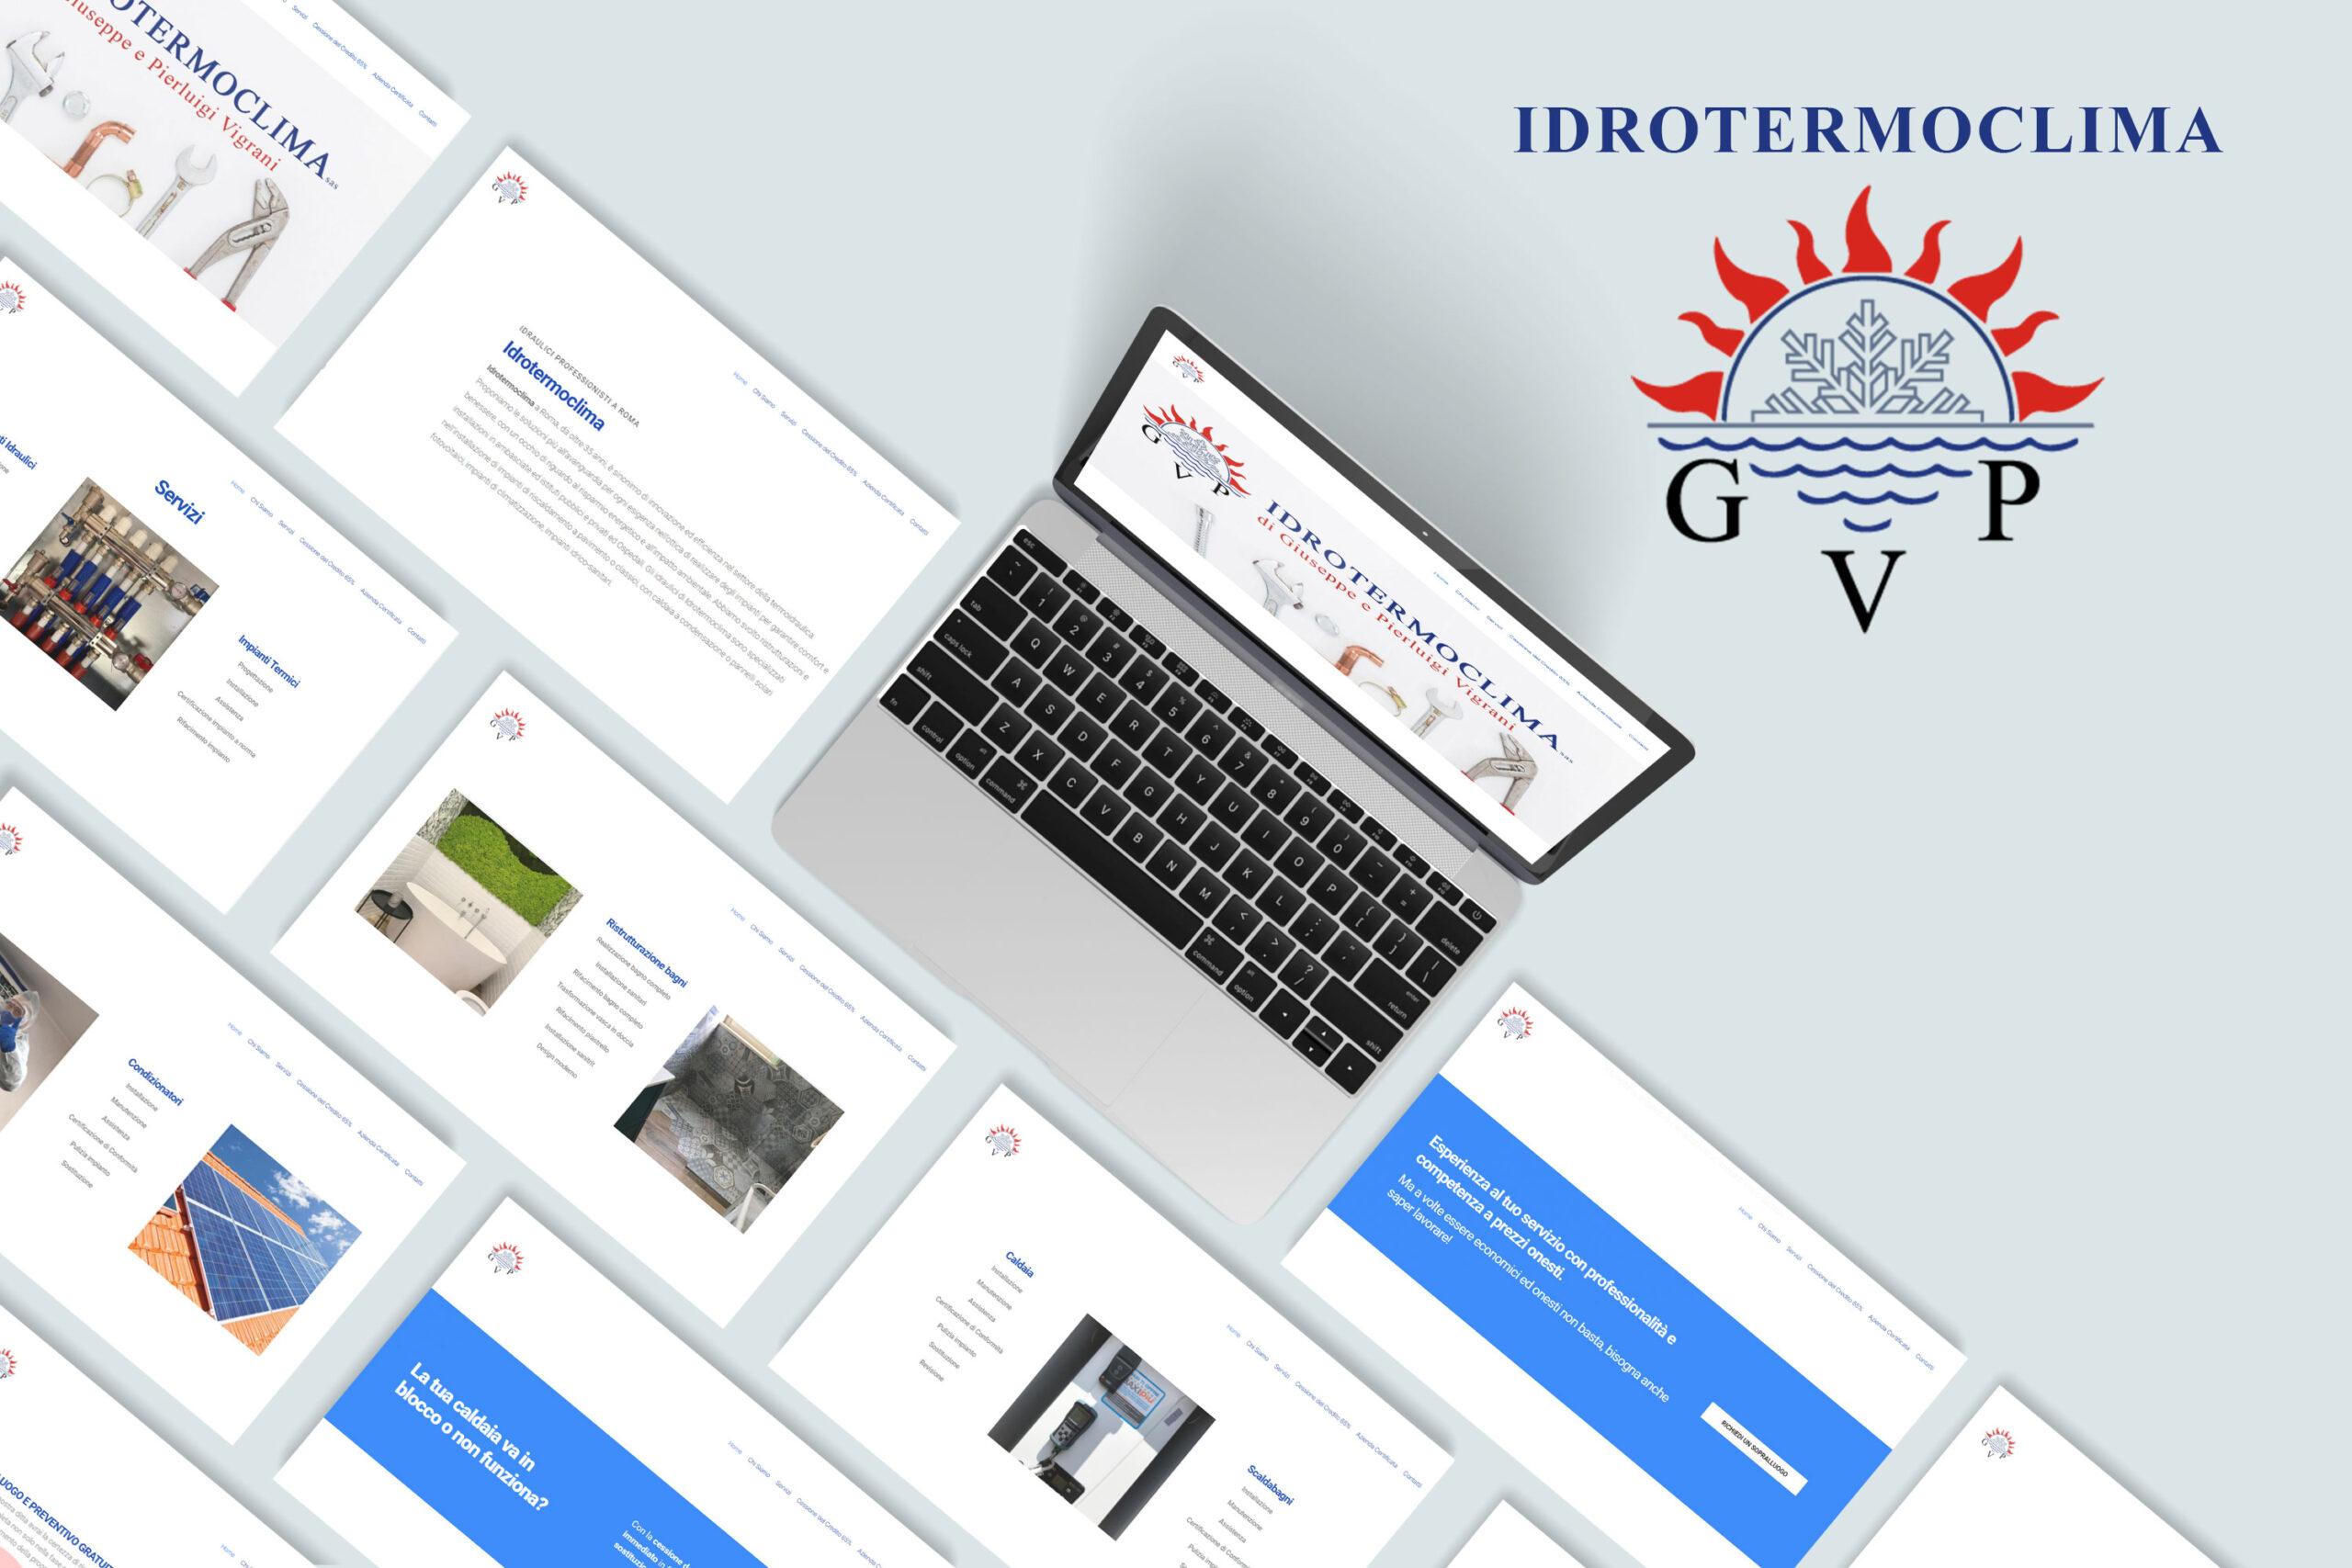 Idrotermoclima sas – Realizzazione WebSite